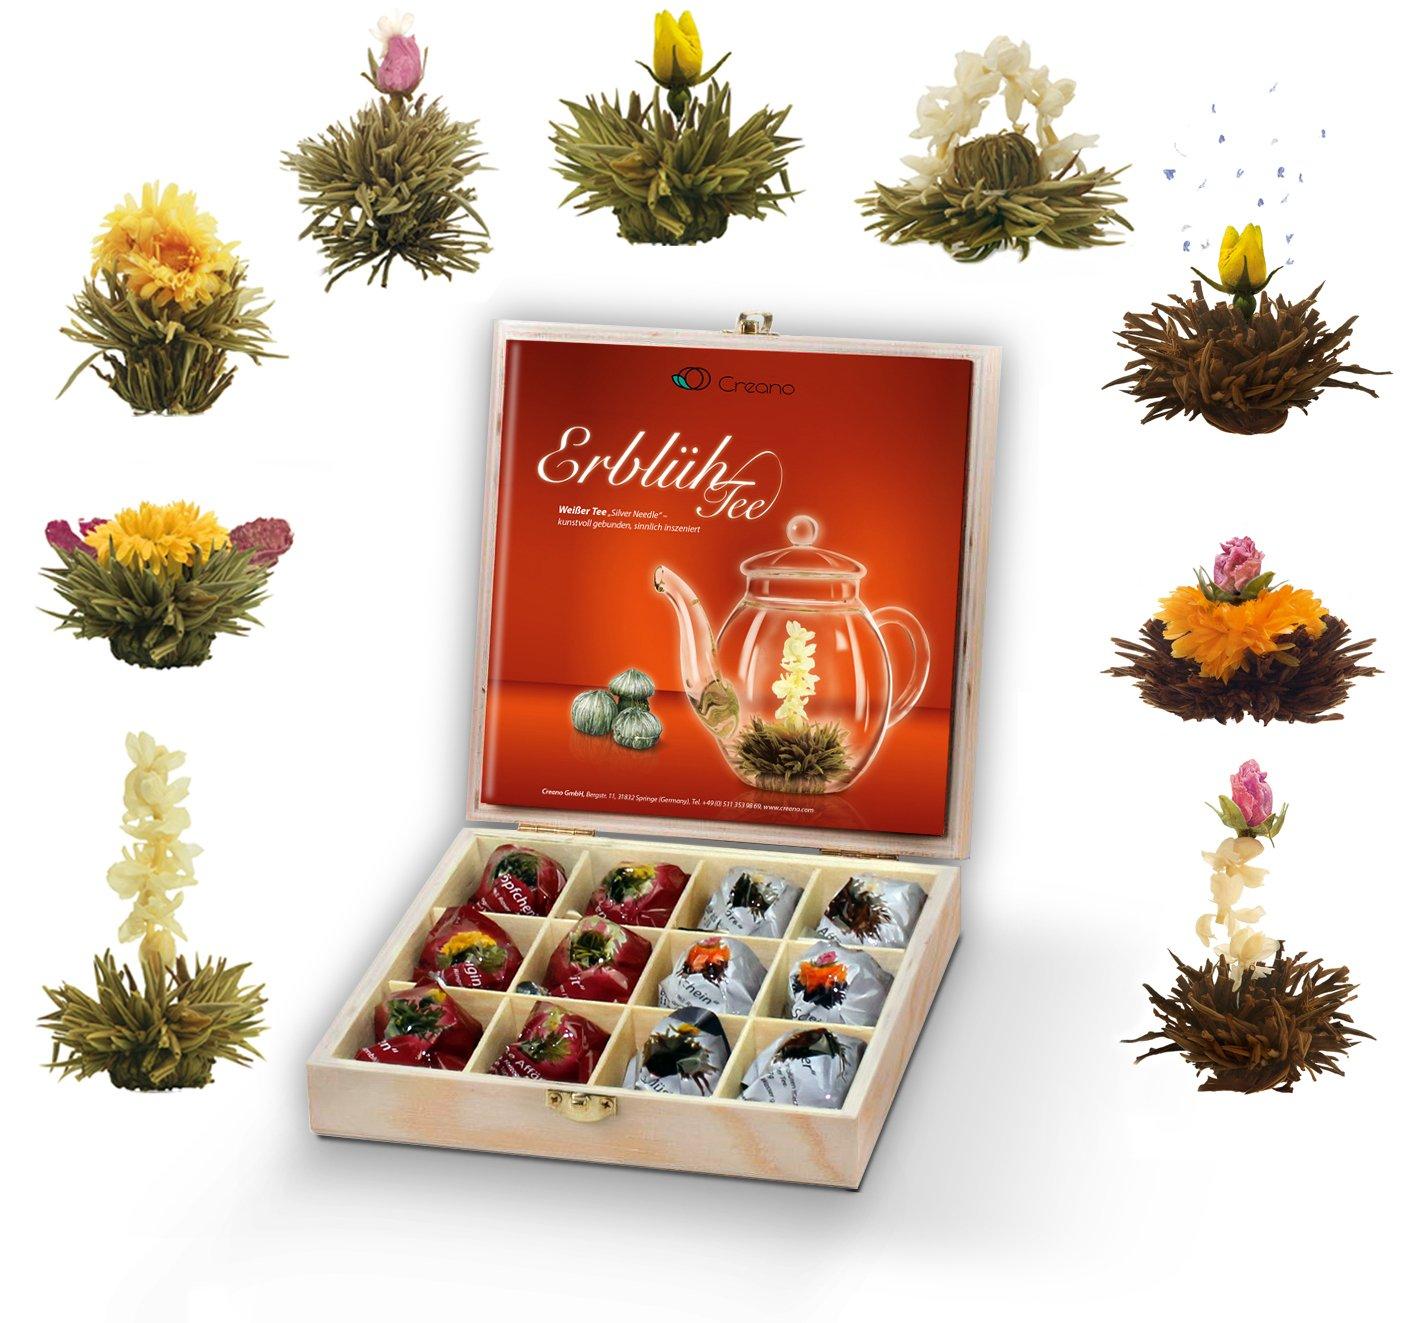 Creano-Teeblumen-Geschenkset-in-Teekiste-aus-Holz-12-ErblhTee-in-9-Sorten-Weitee-Schwarztee